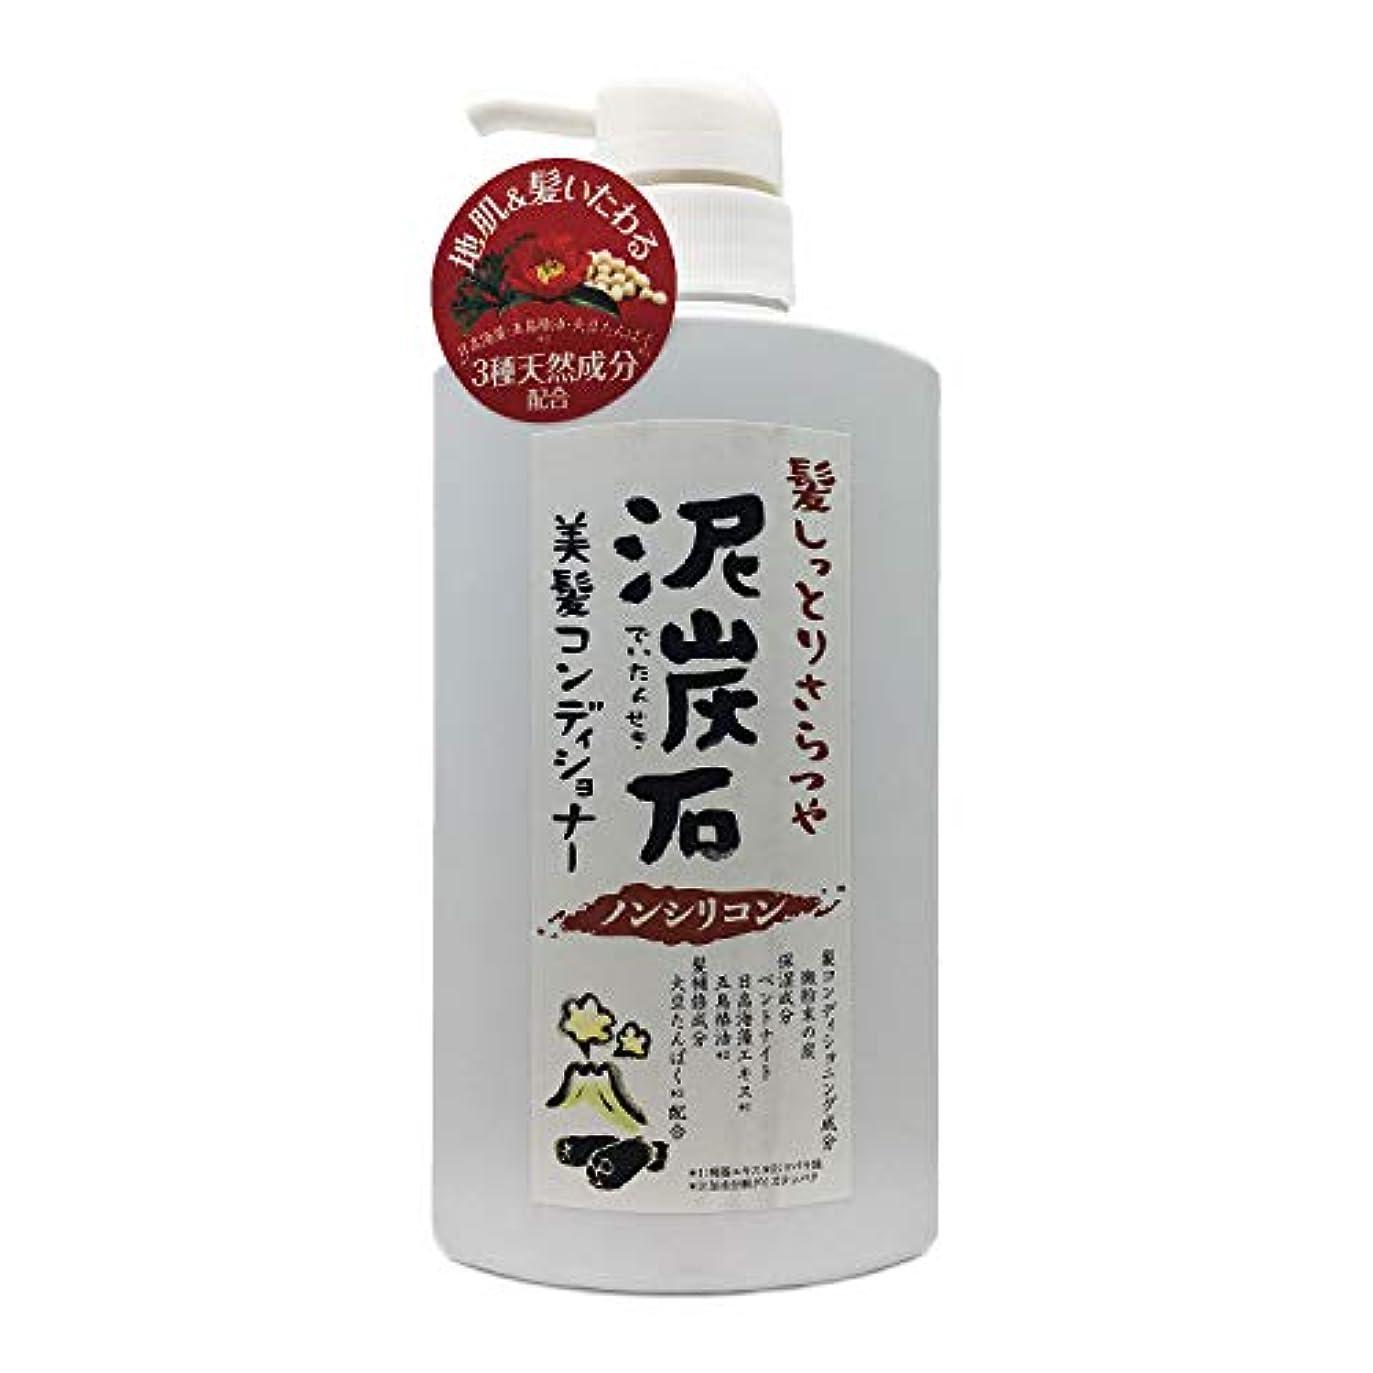 無検索筋ペリカン石鹸 泥炭石 美髪コンディショナー 500ml